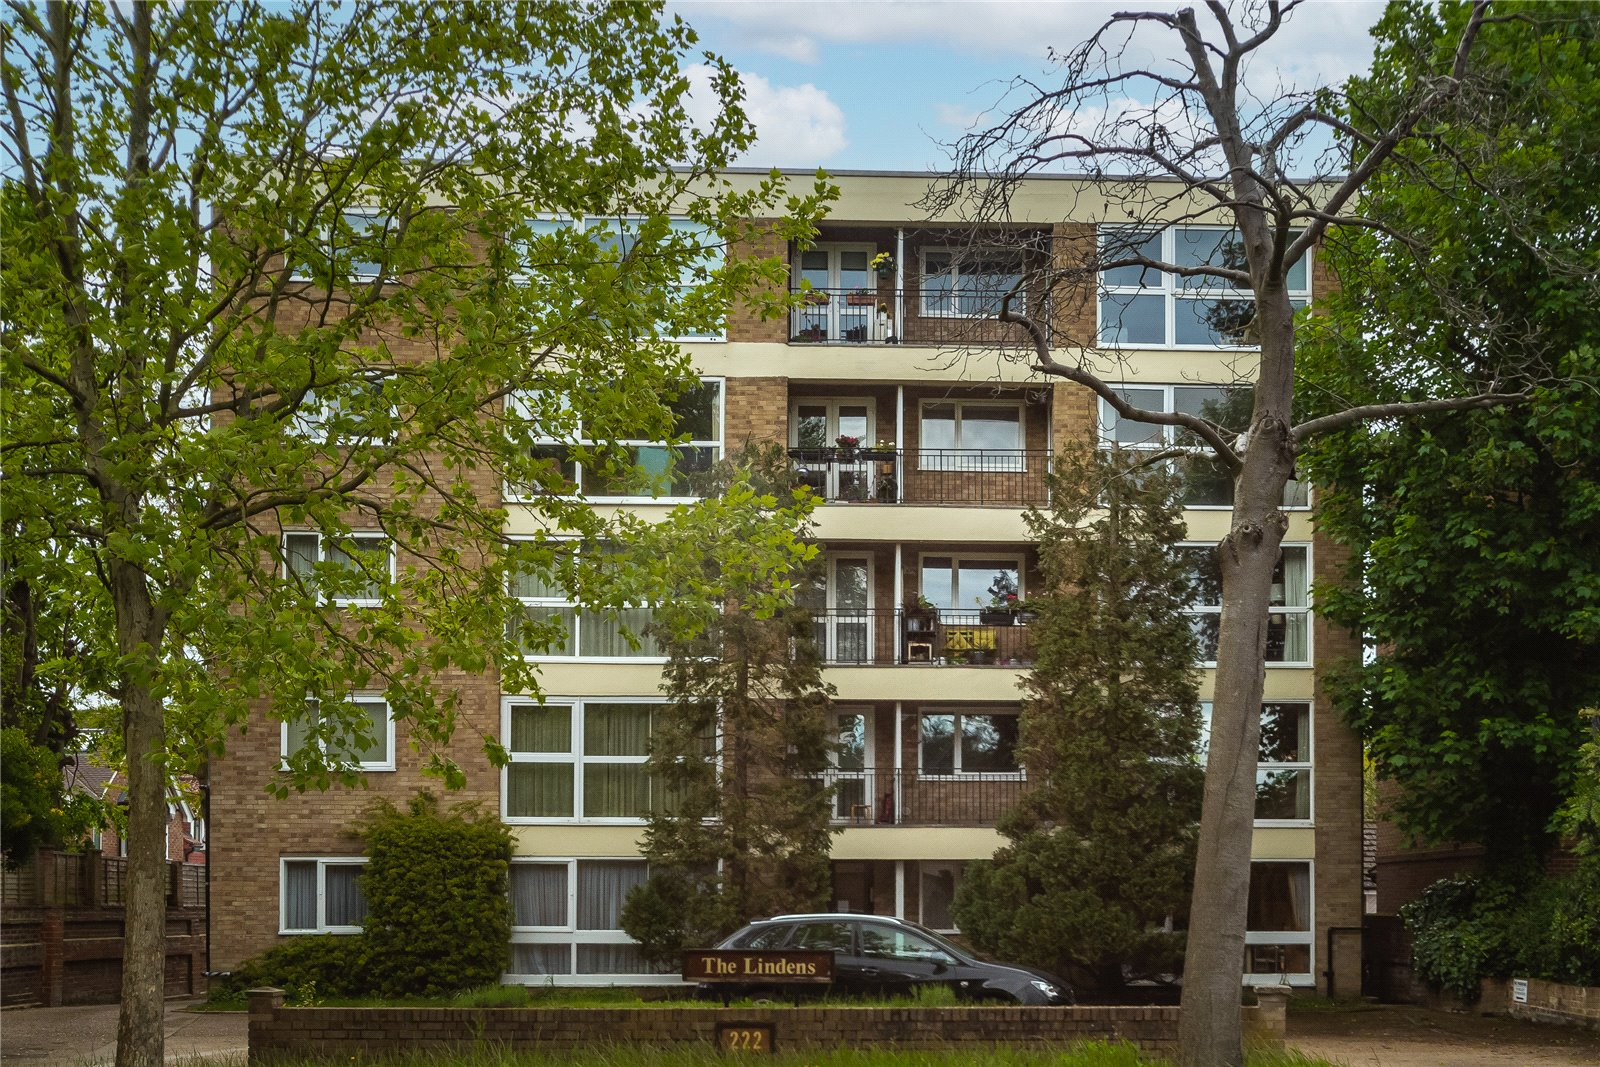 The Lindens, 222 Kew Road, TW9 3LL - Antony Roberts